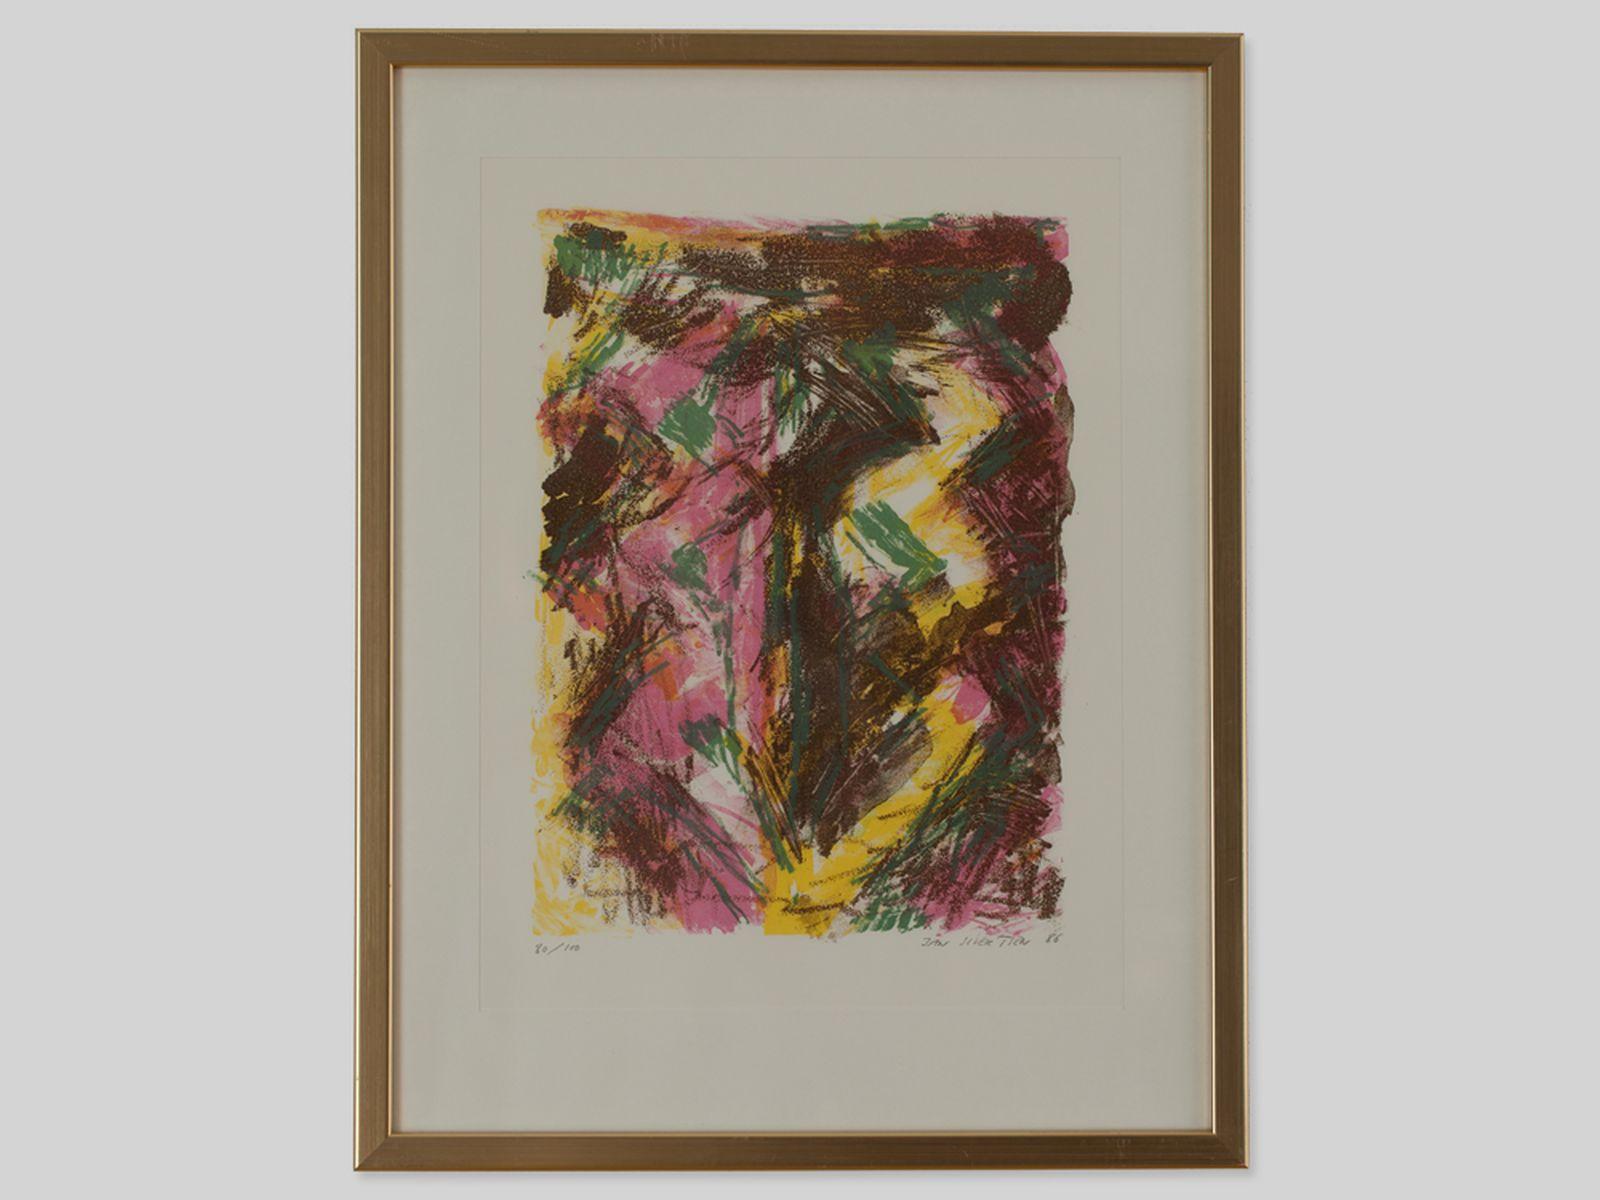 """#122 Jan Sivertsen """"Abstract Composition"""", 1986   Jan Sivertsen (1951) """"Abstrakte Komposition"""" 1986 Image"""